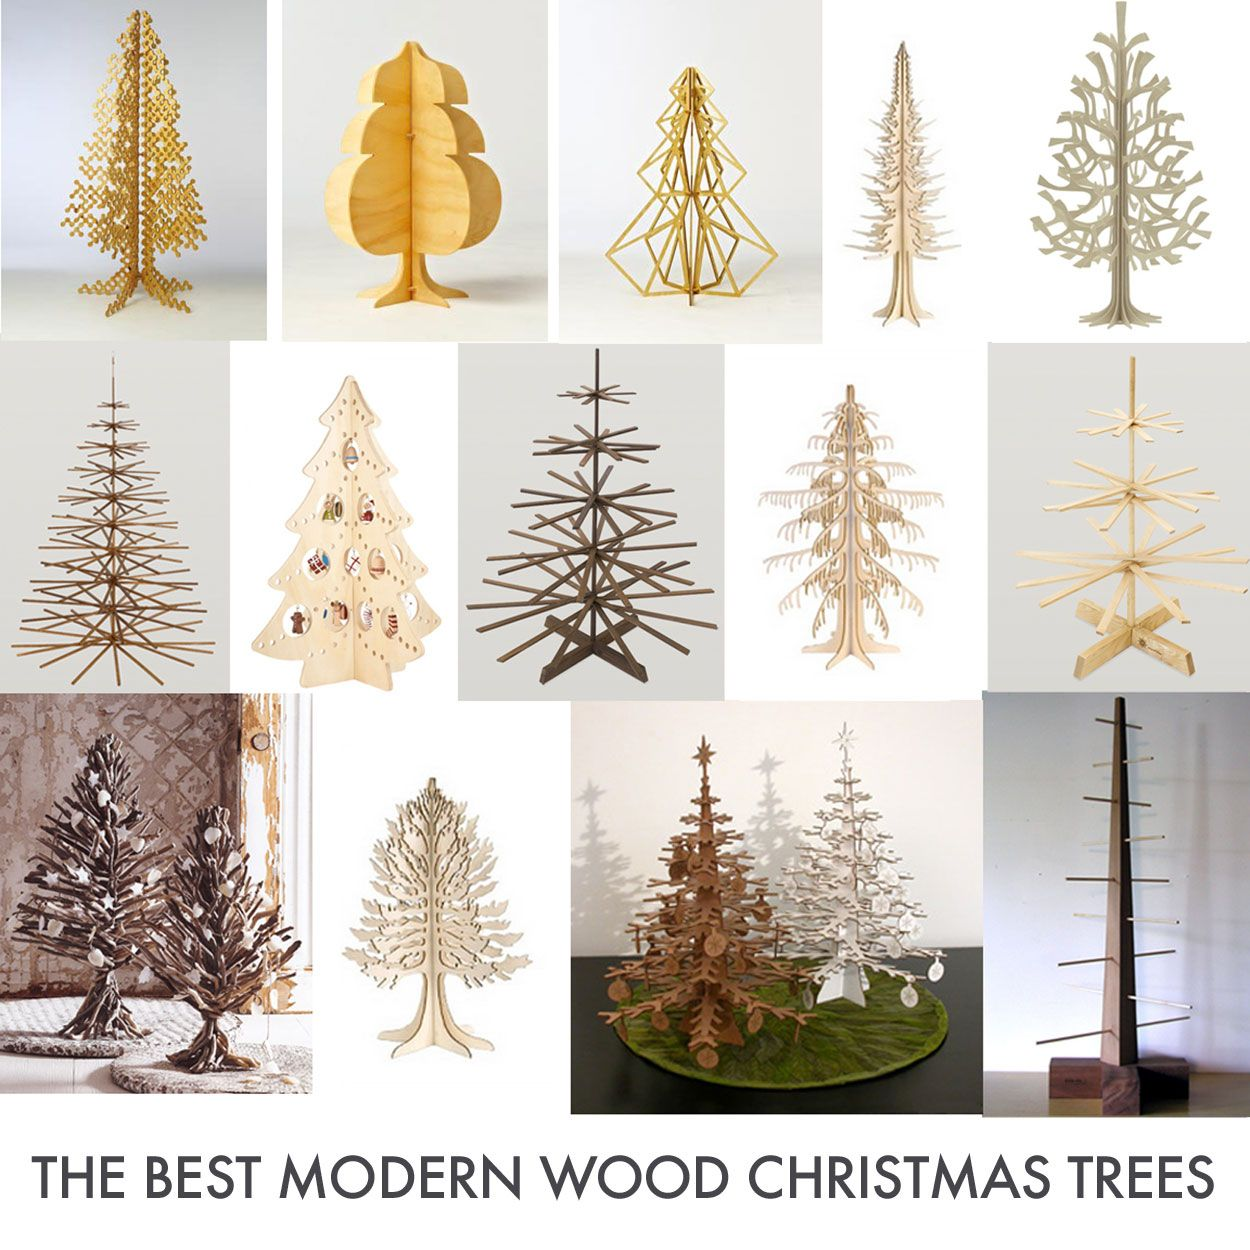 flat pack felt/ plywood Christmas tree inspiration | Holidays ...